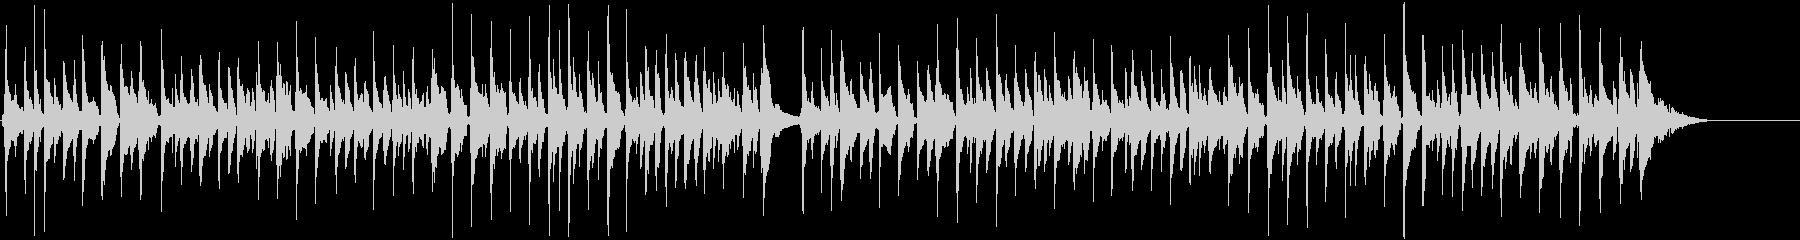 伝統的な歌の美しくソフトなバージョ...の未再生の波形